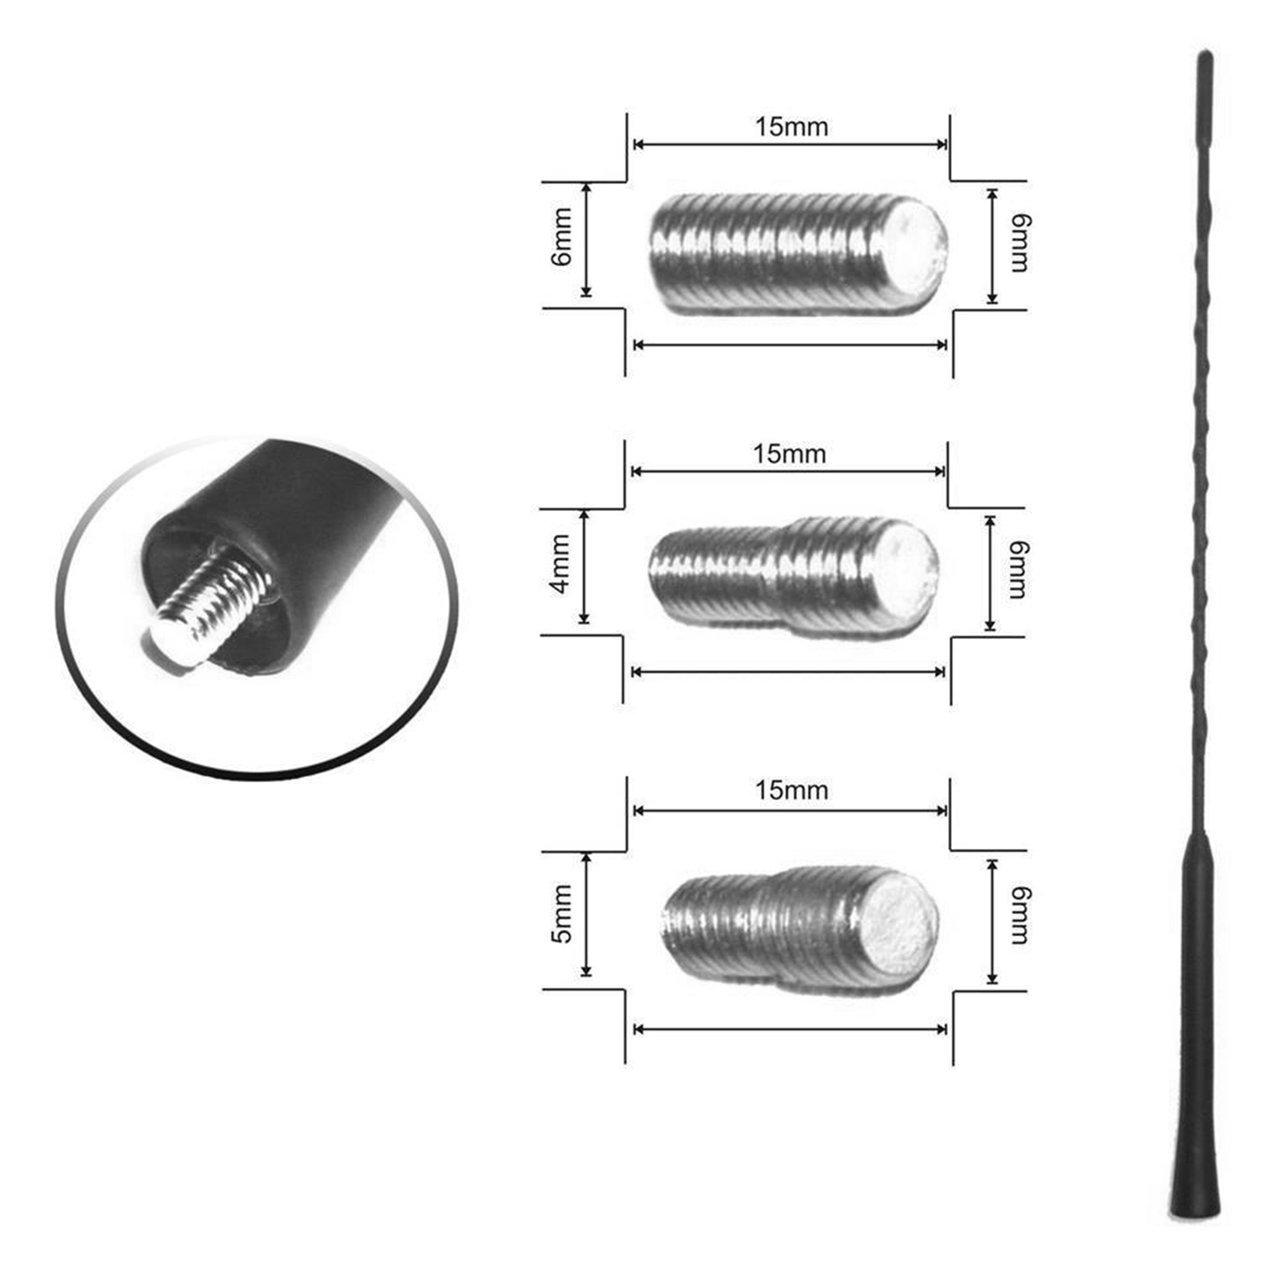 fITtprintse Antenna Aerea Universale a 16 Pollici AM//FM Antenna Antenna Auto Flessibile a Spirale Albero antirumore Resistente agli Agenti atmosferici Antenna Segnale Radio